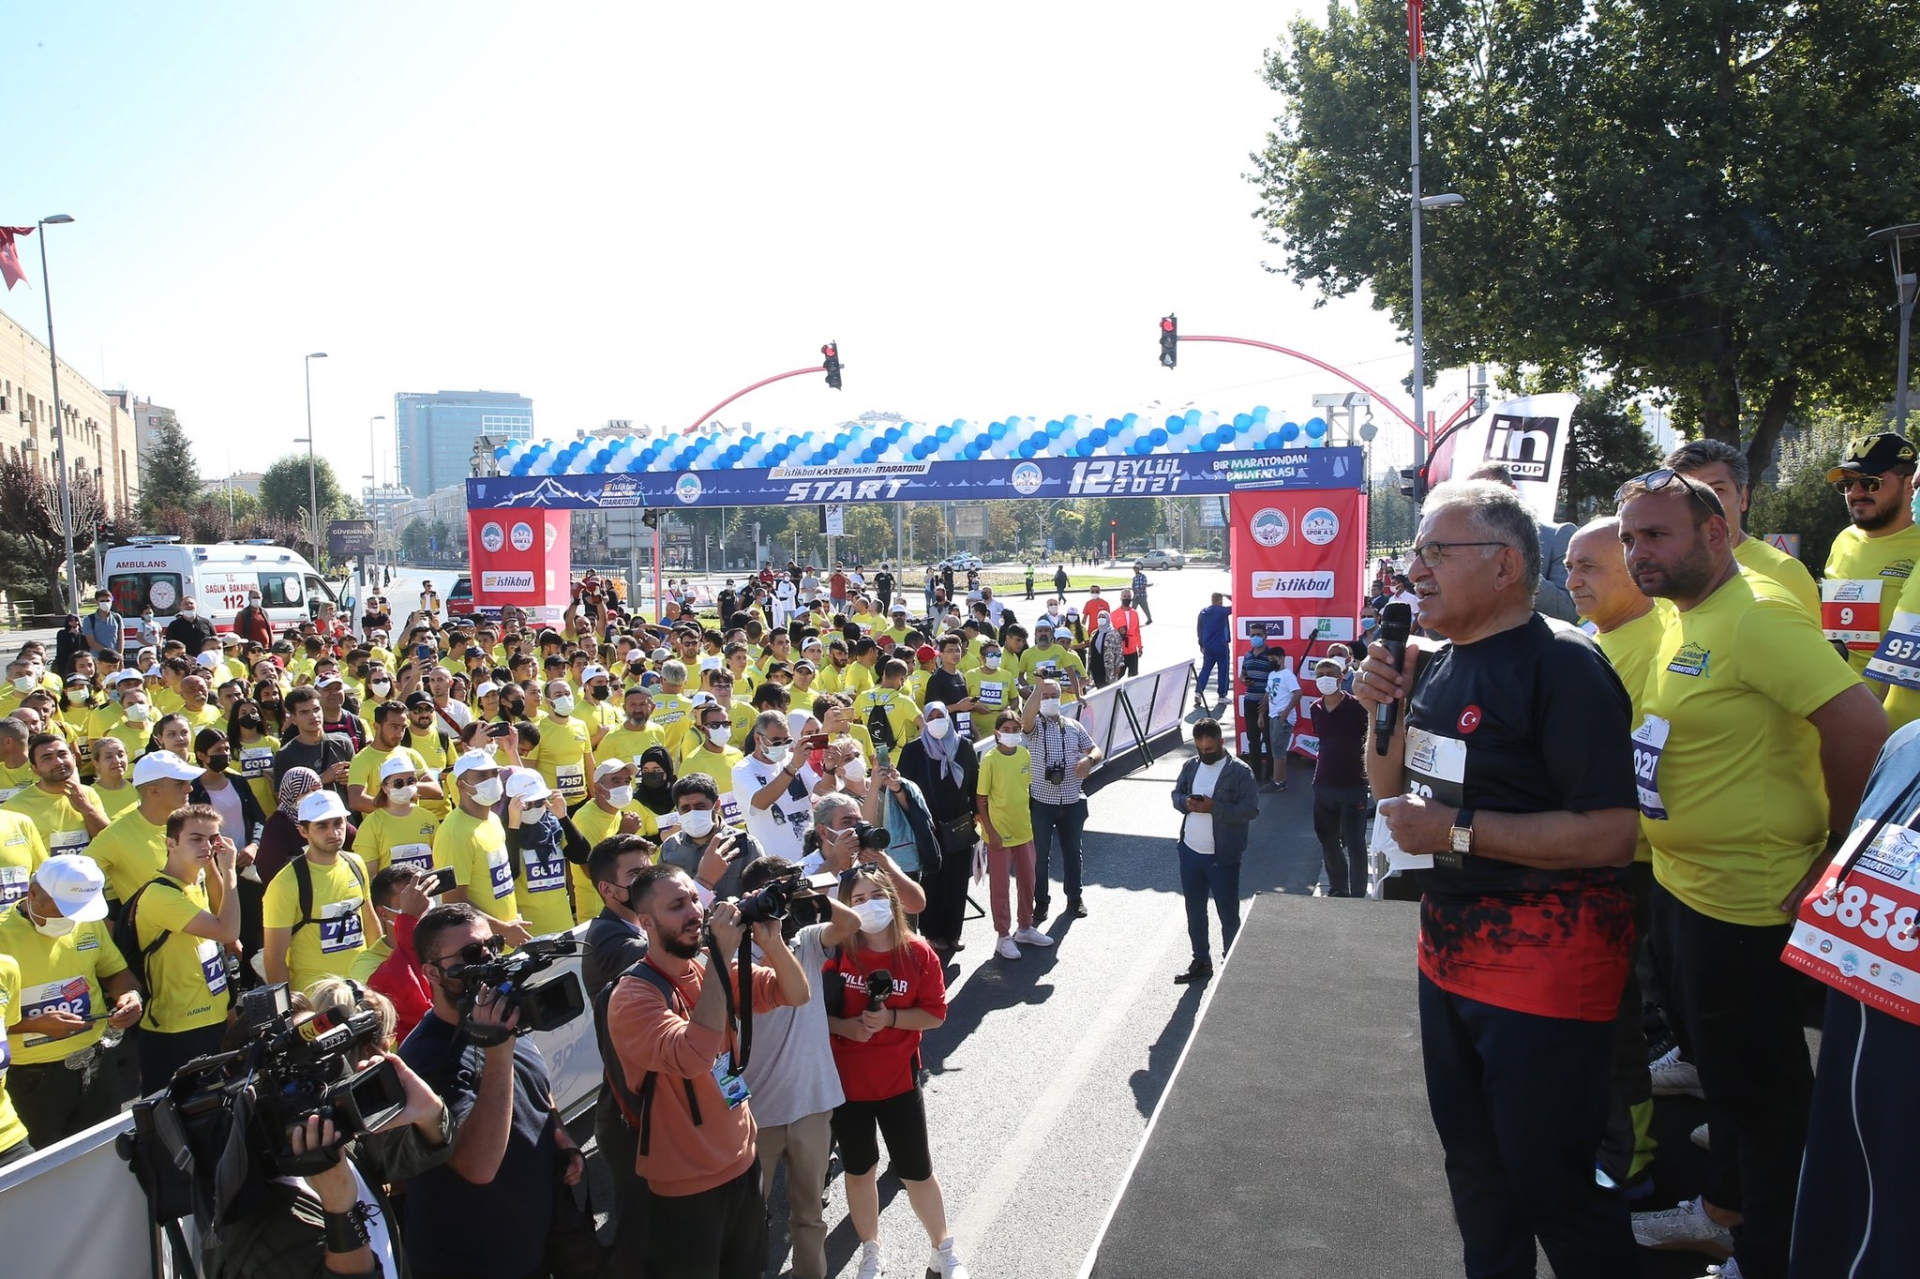 Başkan Büyükkılıç, Sağlıklı Yaşam İçin 1000 Bisiklet Hediye Etti